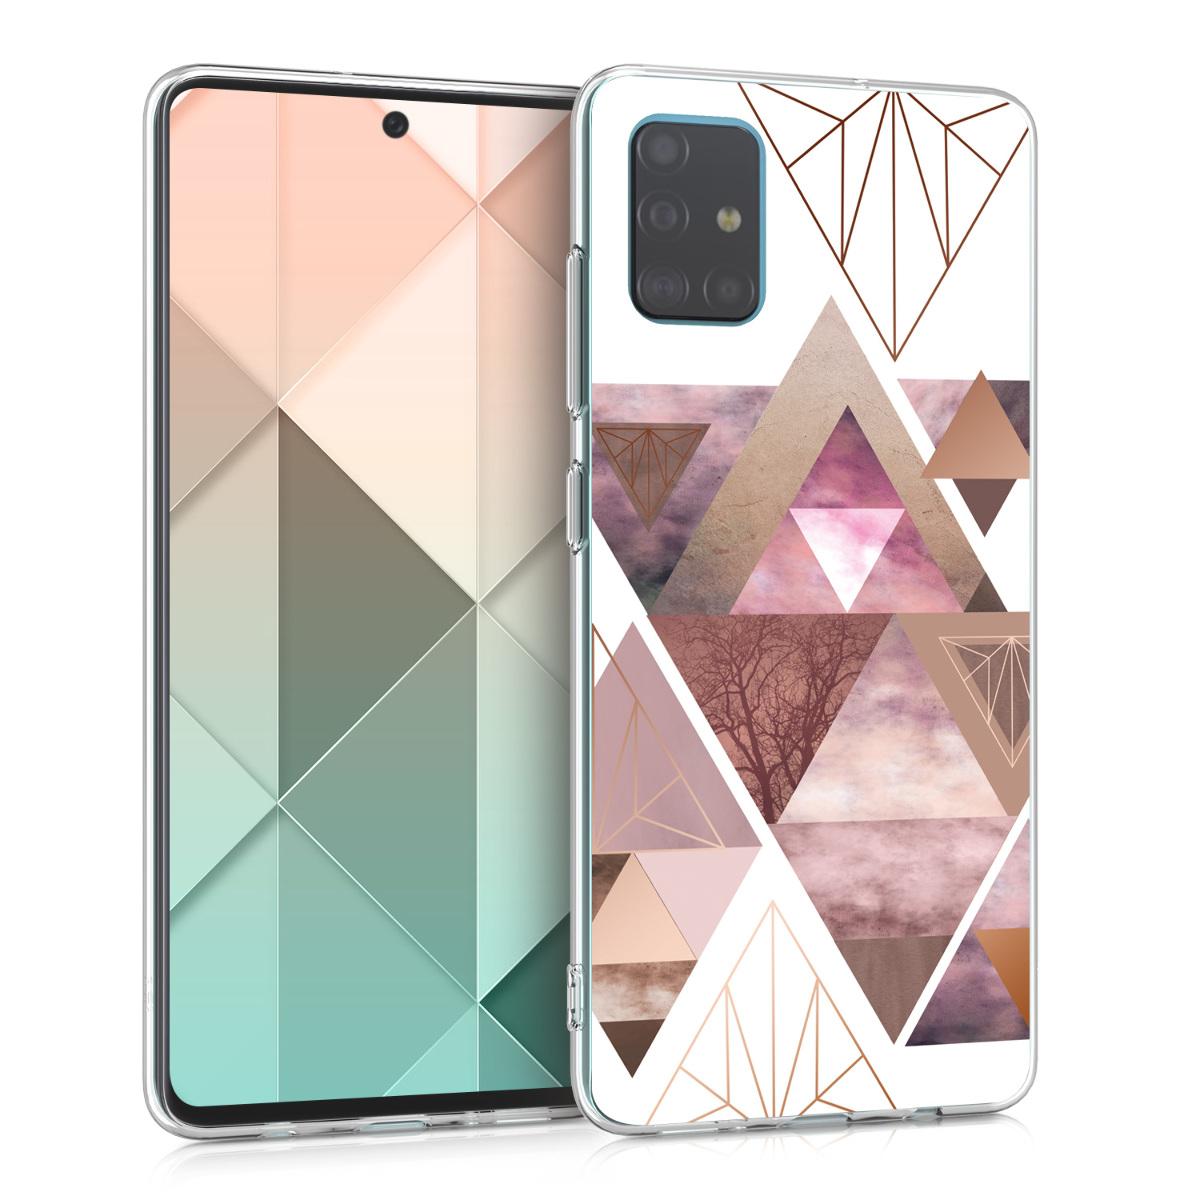 Kvalitní silikonové TPU pouzdro pro Samsung A51 - Patchwork trojúhelníky světle růžové / starorůžové rosegold / bílé